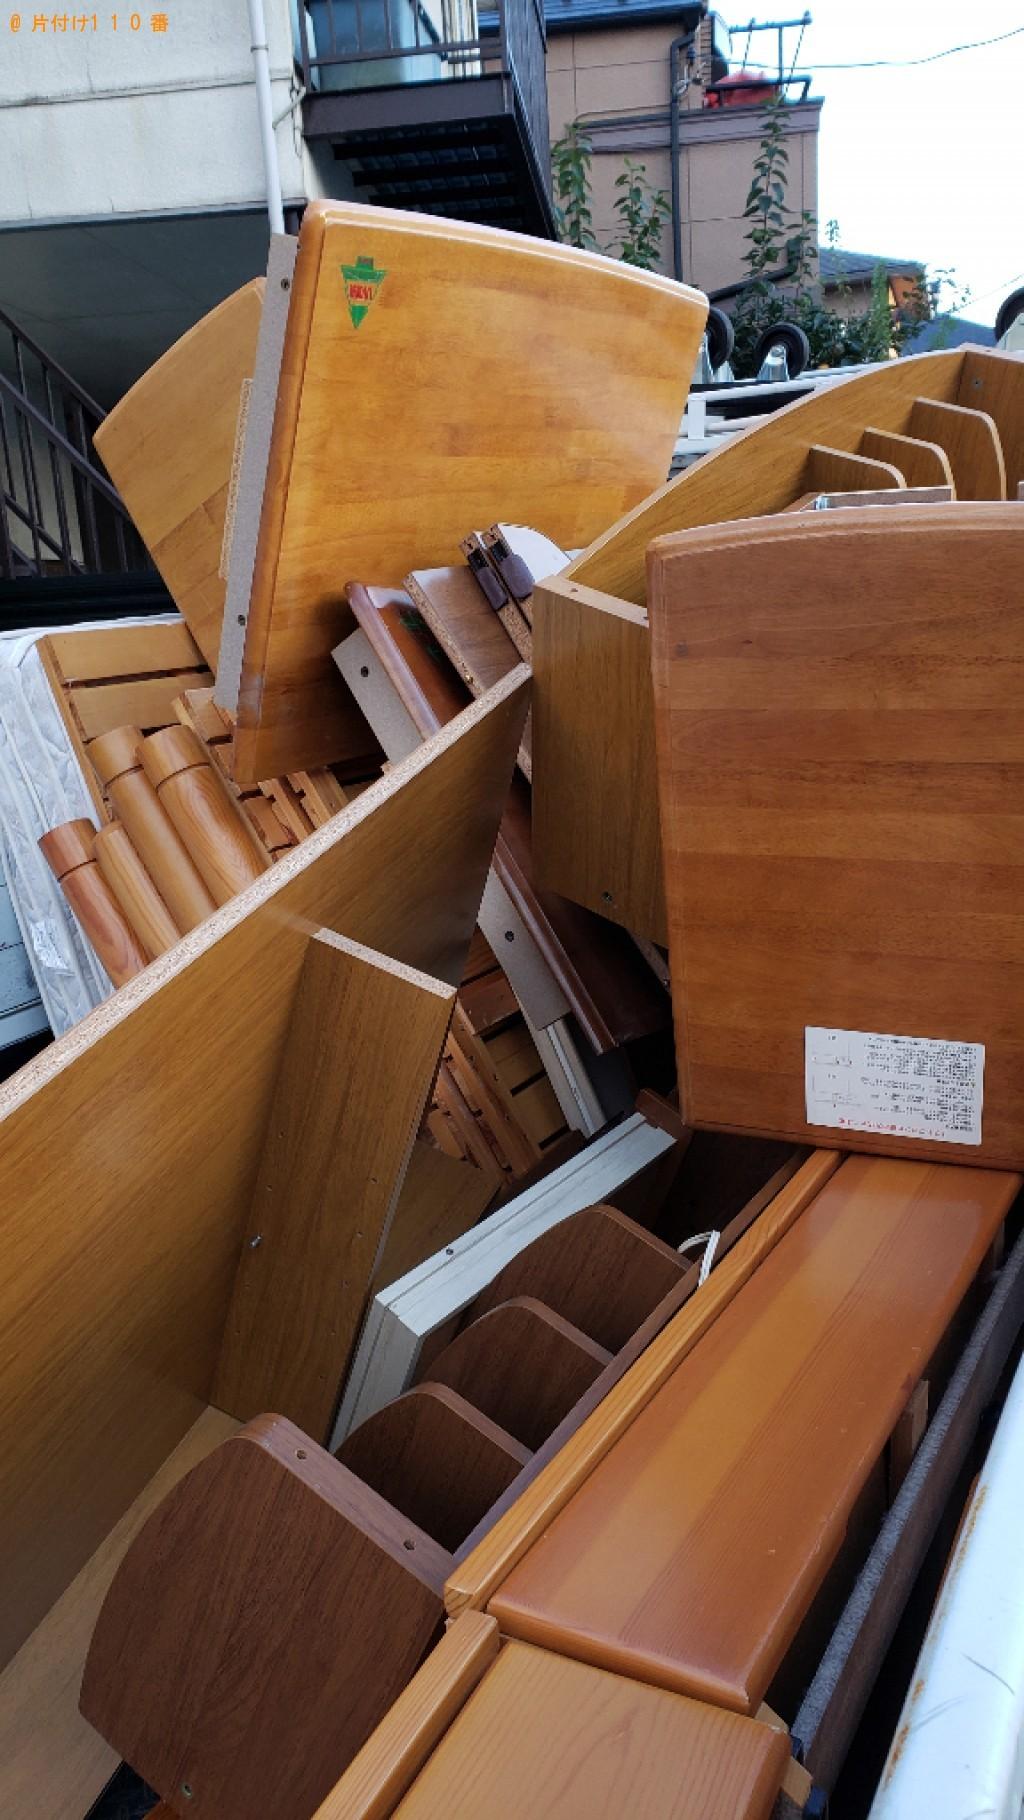 【小金井市】二段ベッド、学習机の回収・処分ご依頼 お客様の声